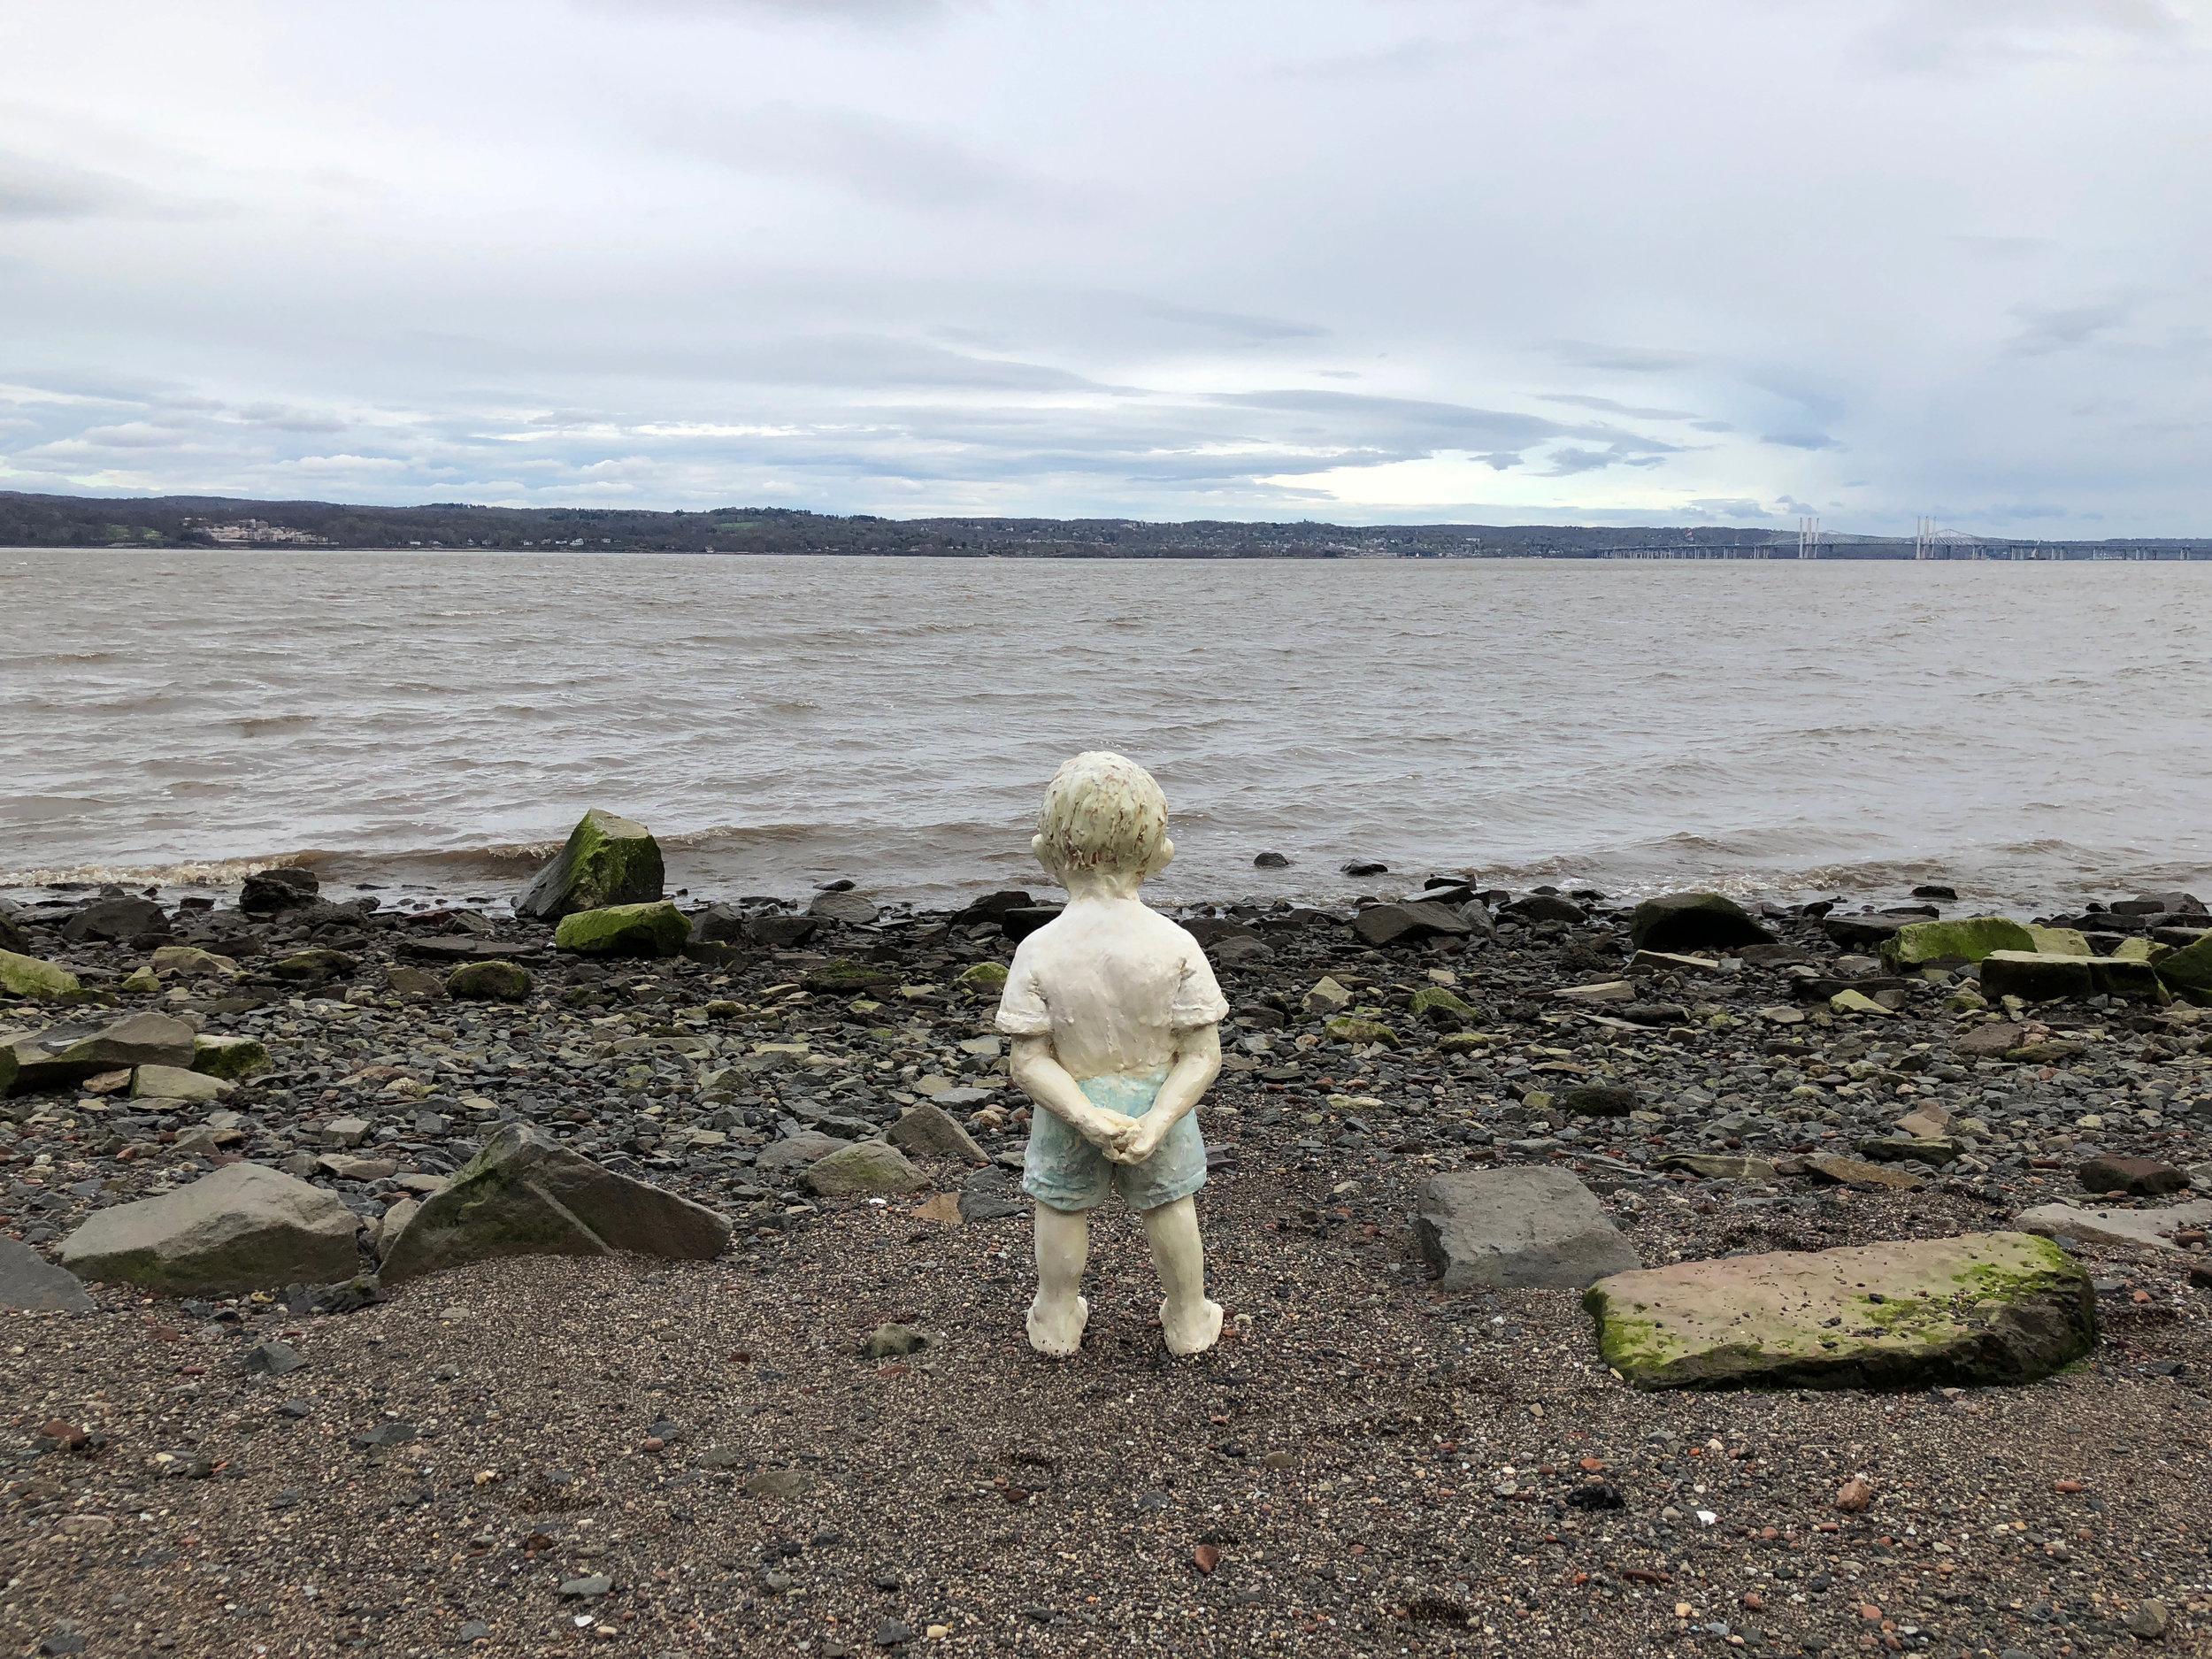 Boy Looking, 2018, Glazed ceramic, 27 x 11 x 10 in.